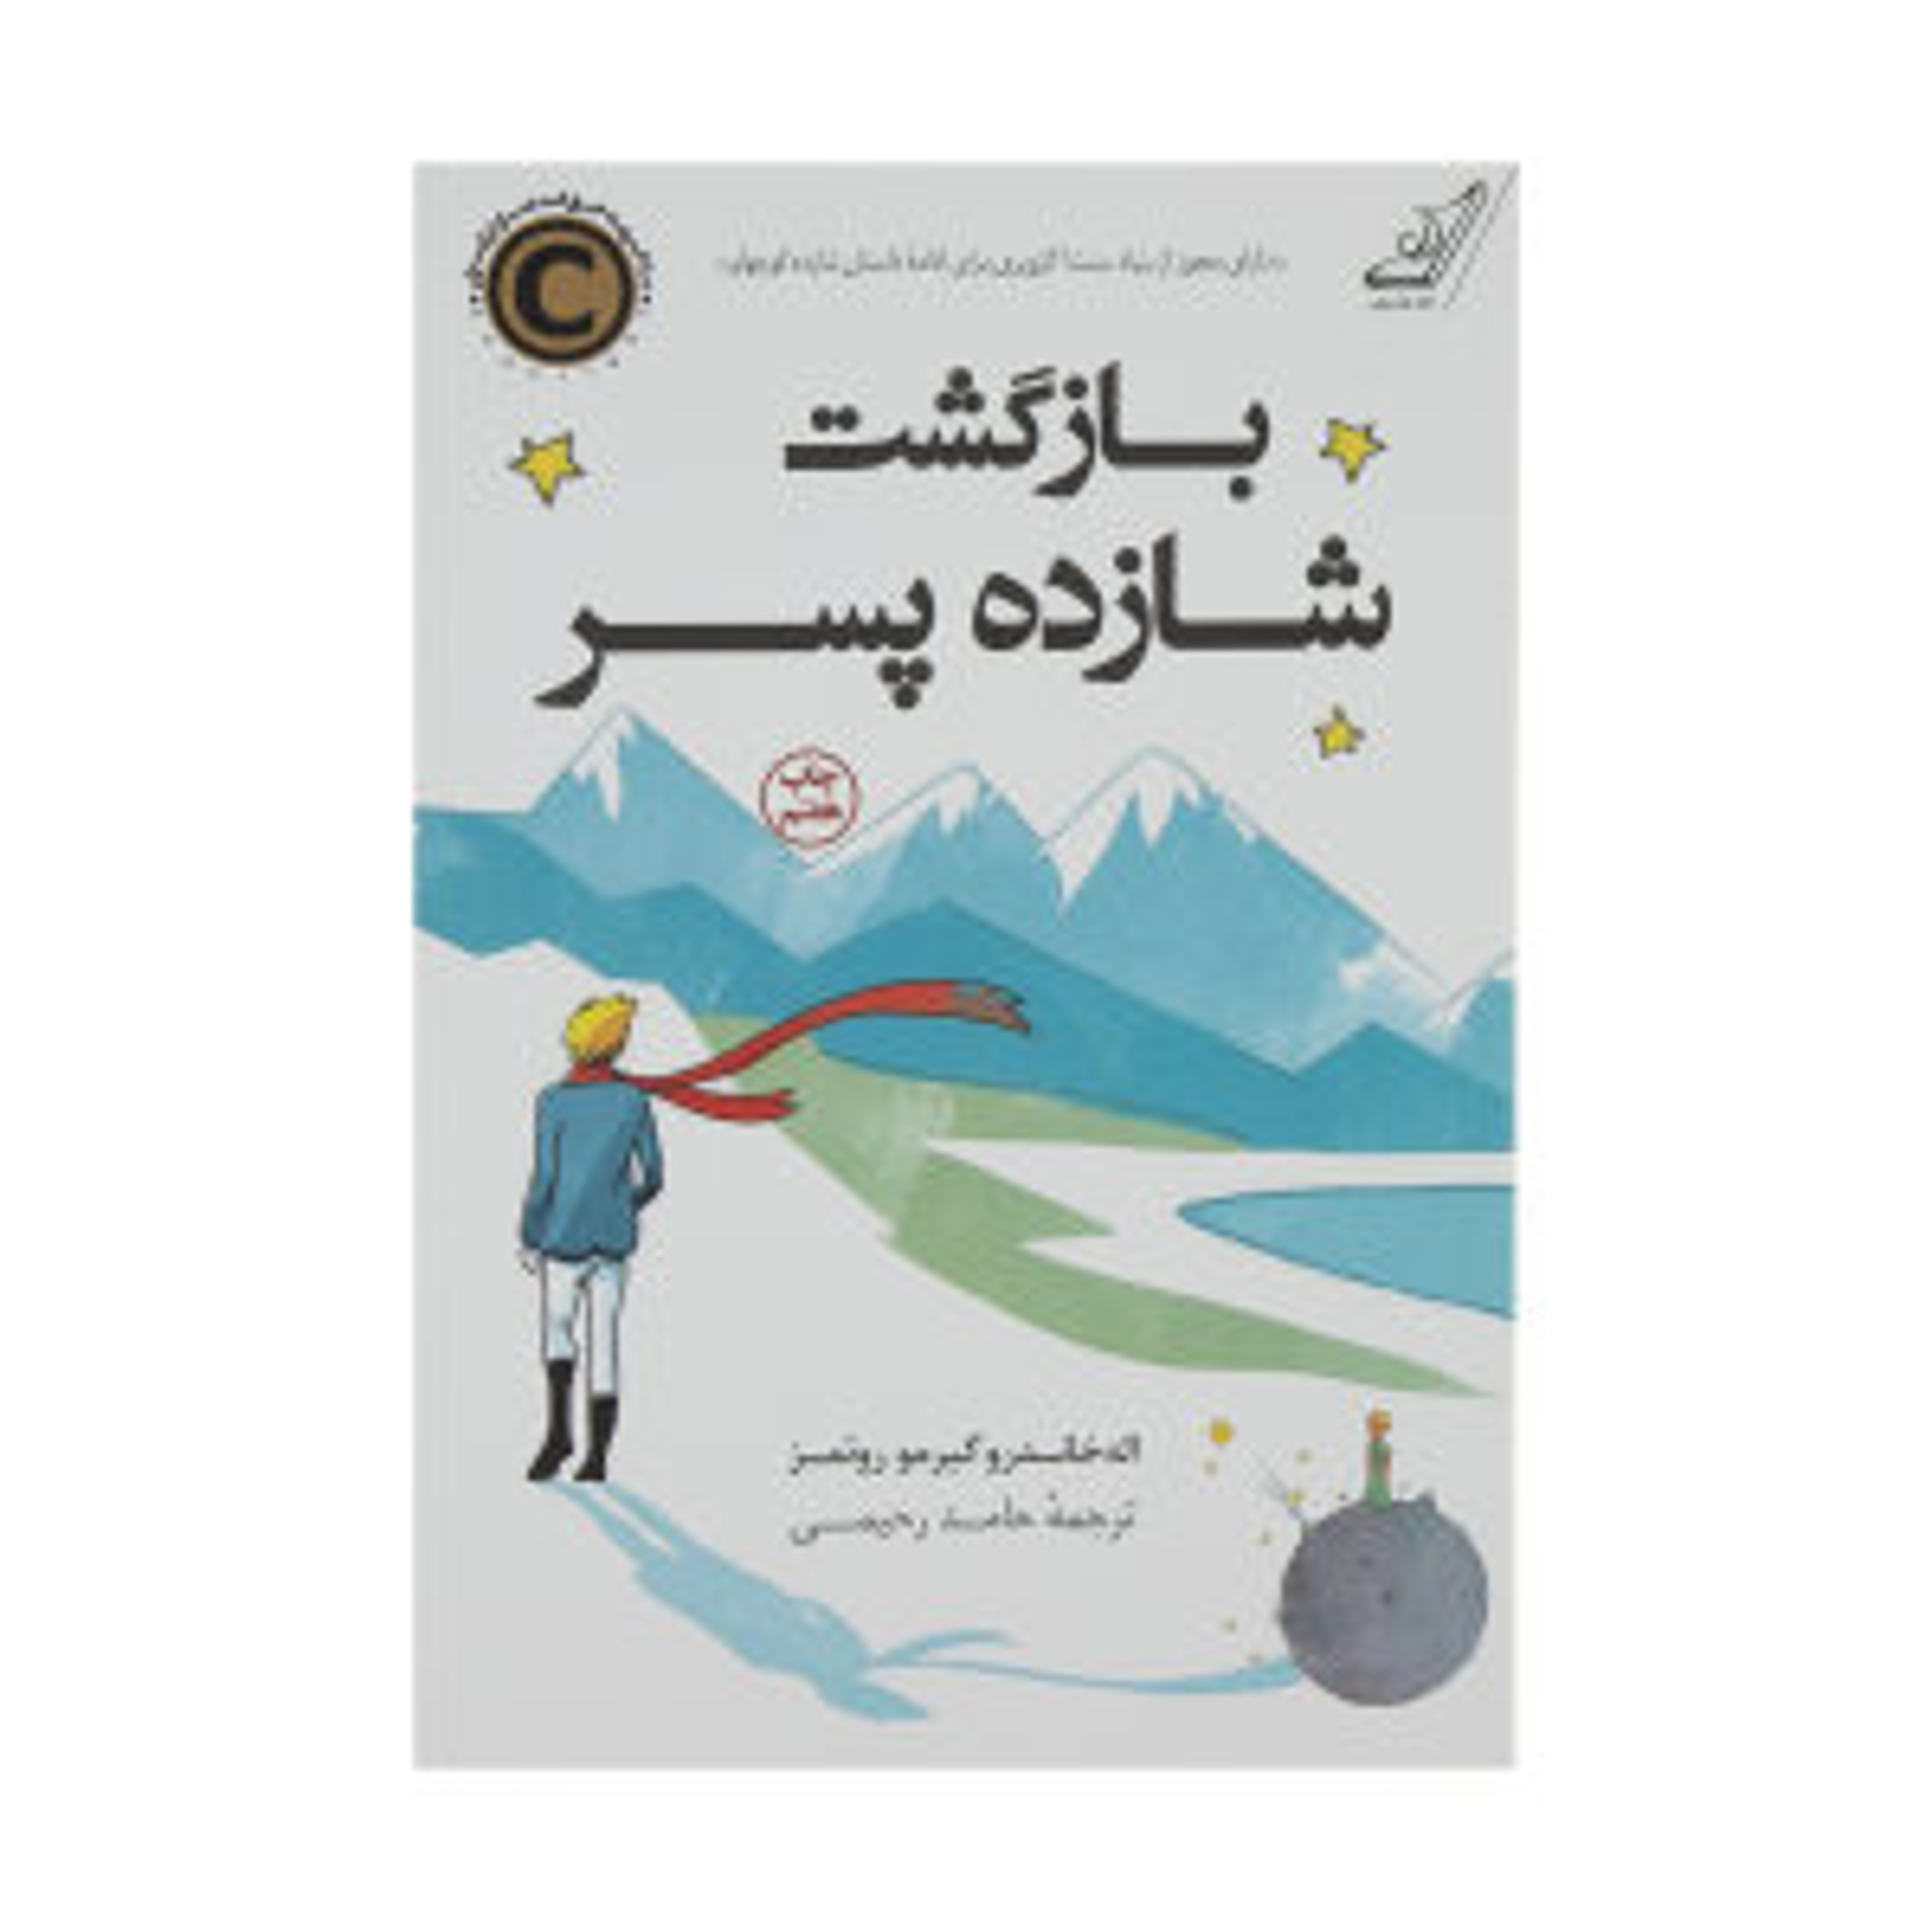 کتاب بازگشت شازده پسر اثر اله خاندرو گیلرمو روئمز انتشارات کتاب کوله پشتی